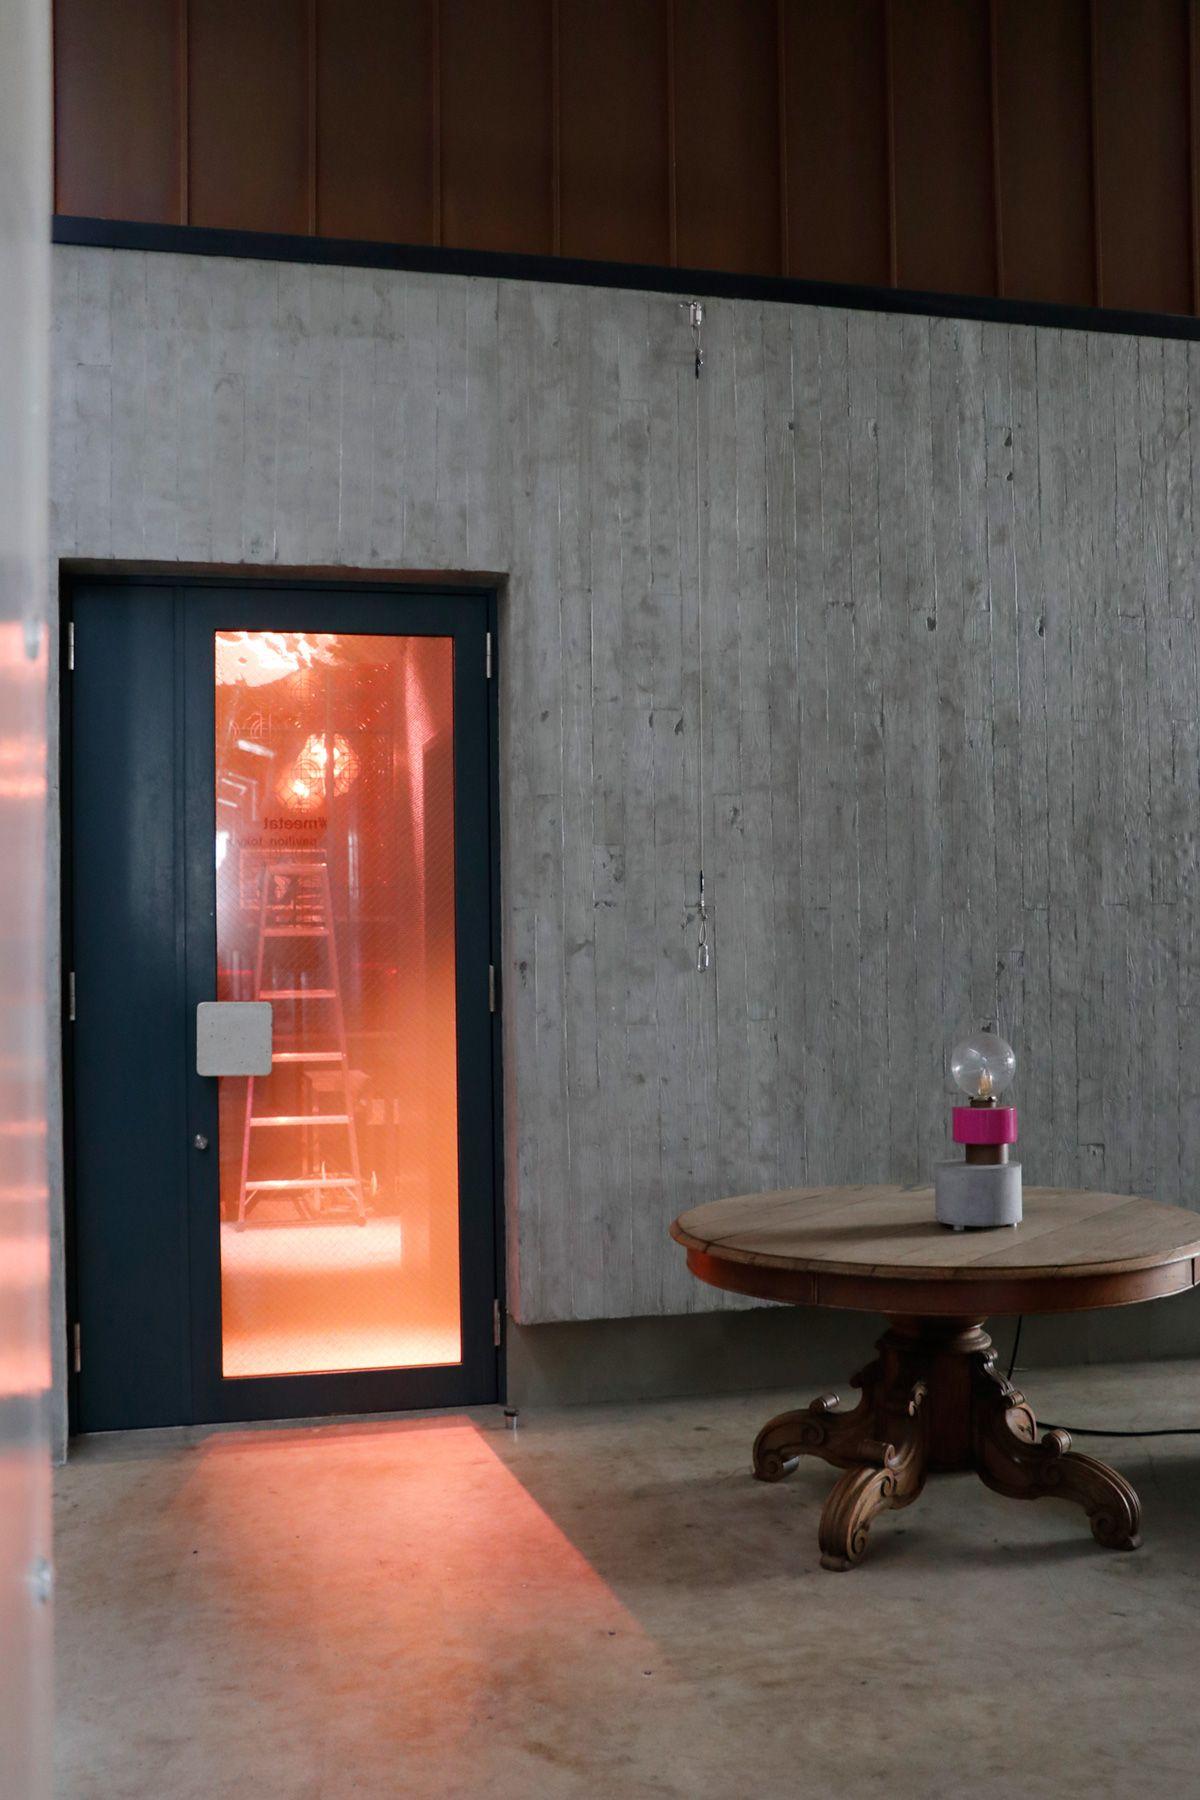 PAVILION(パビリオン)/店舗回廊側のエントランスの扉